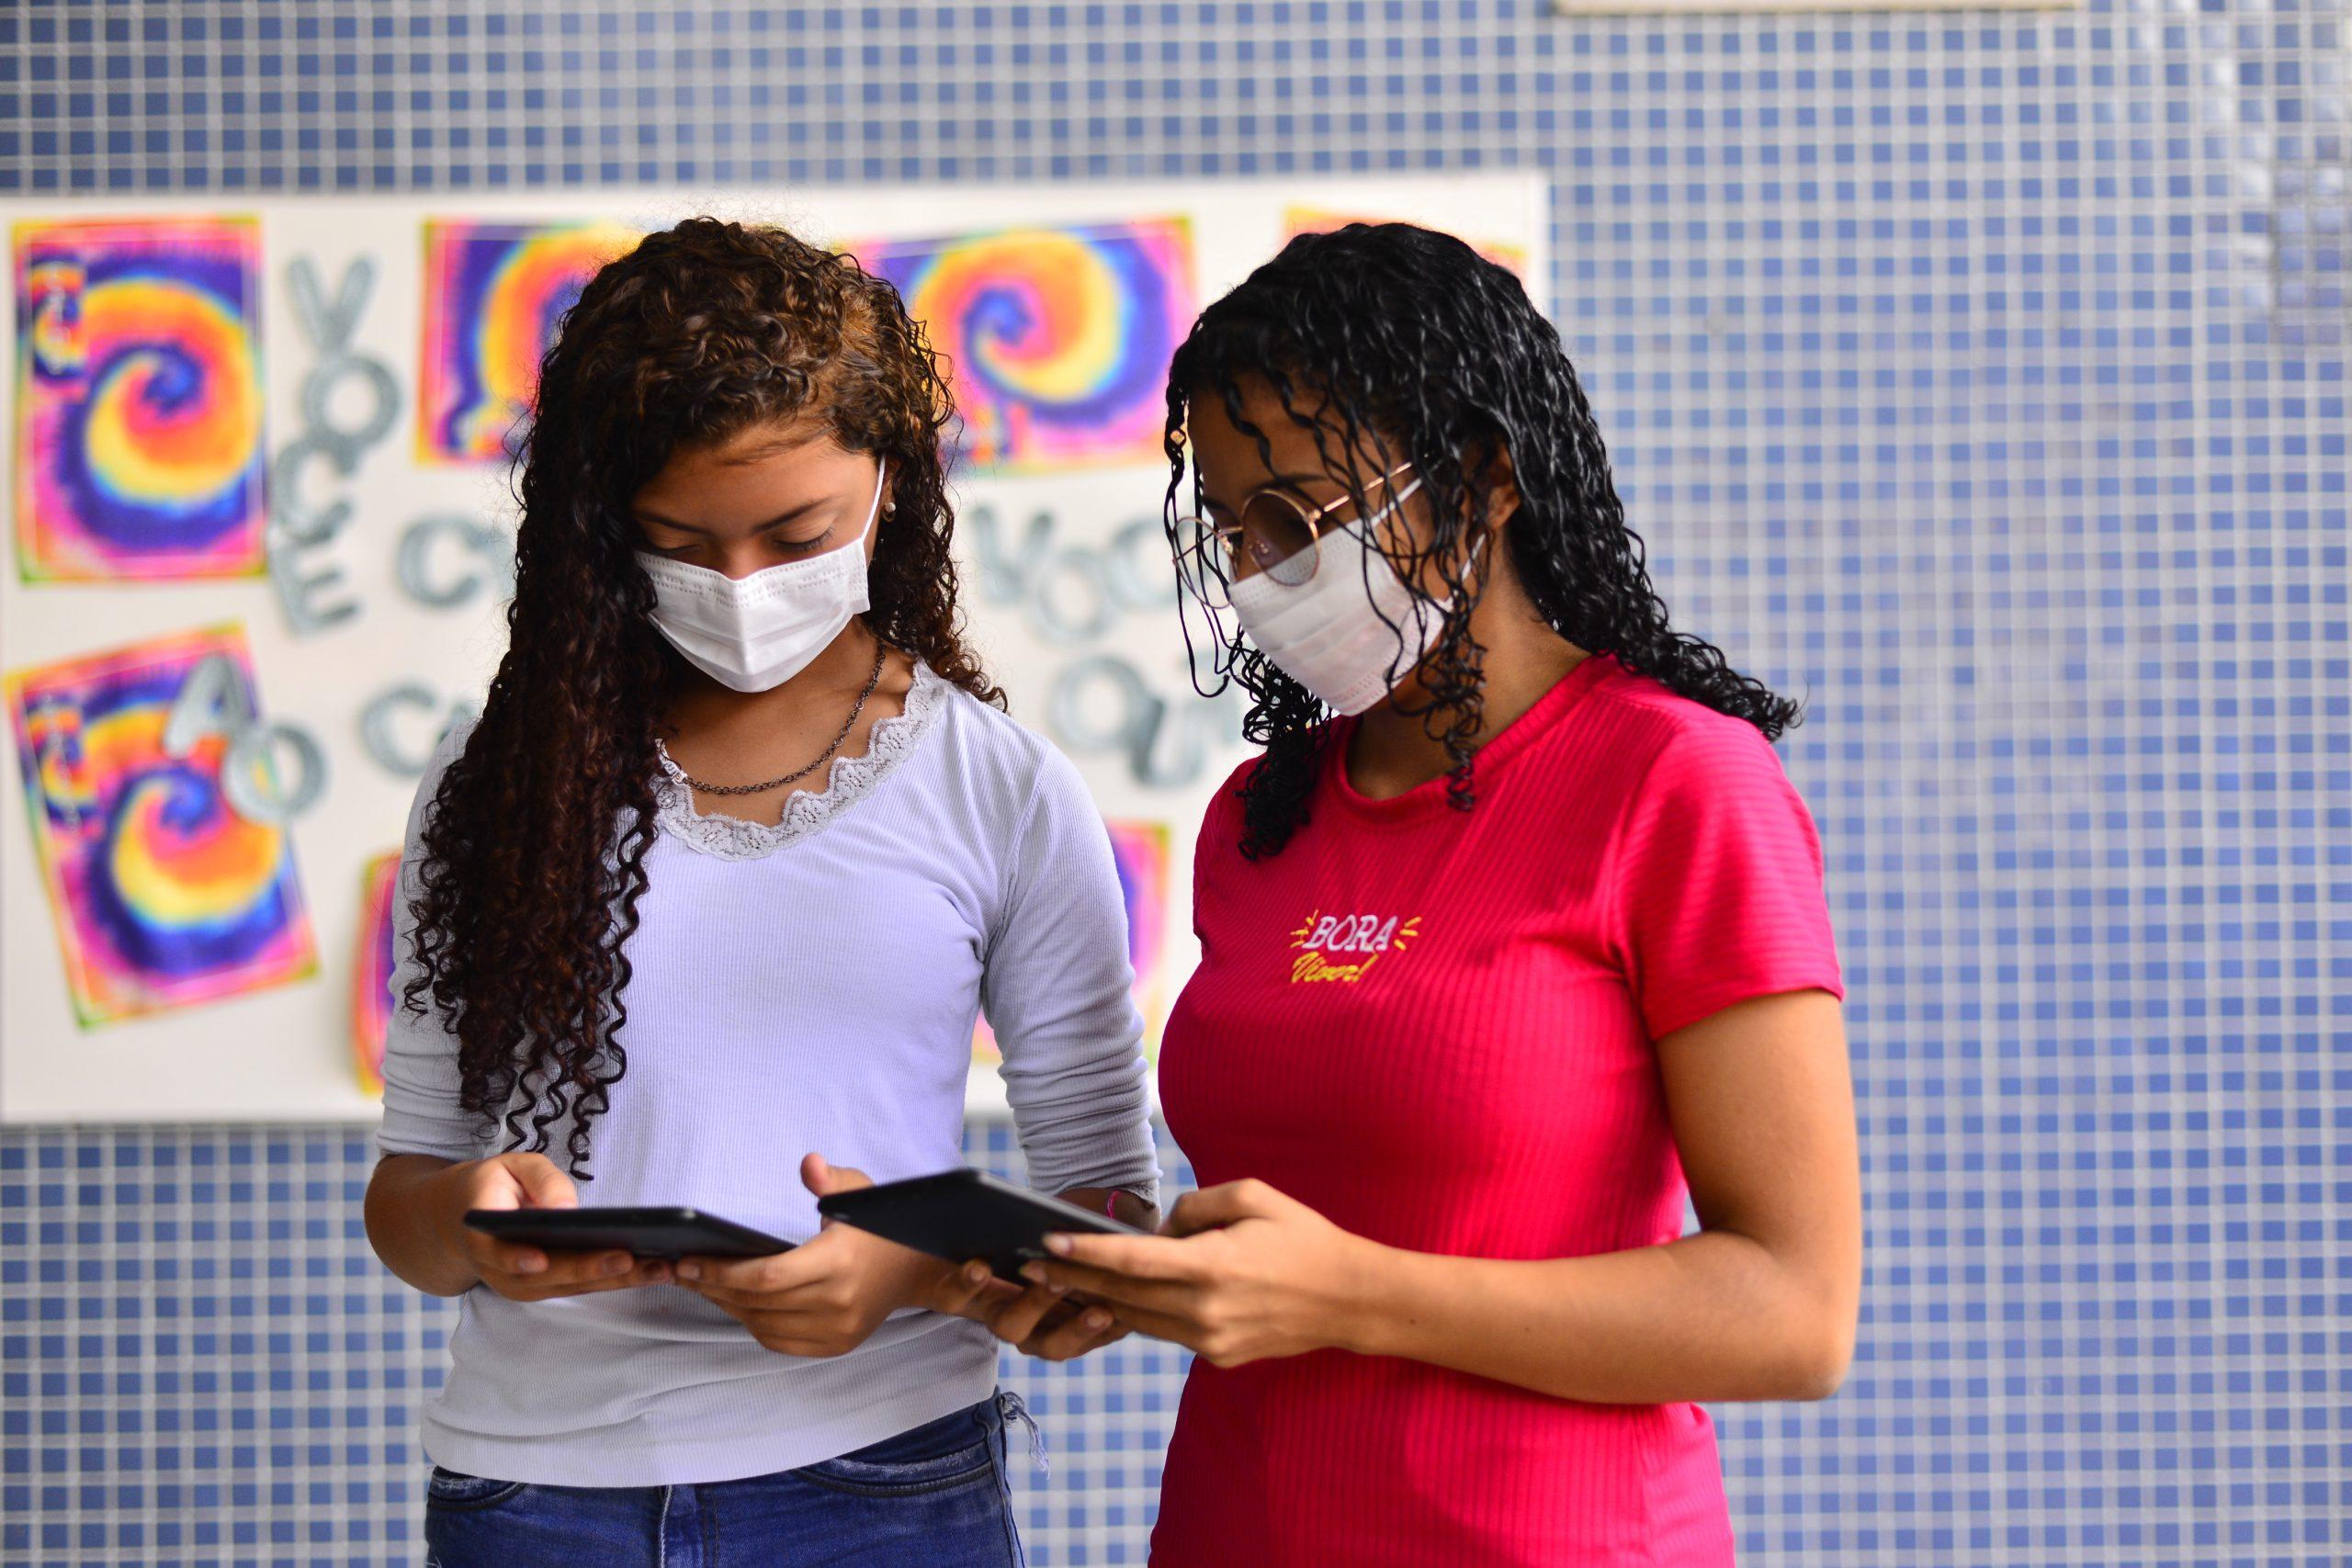 Com investimento e modernização, Ceará é cada vez mais competitivo